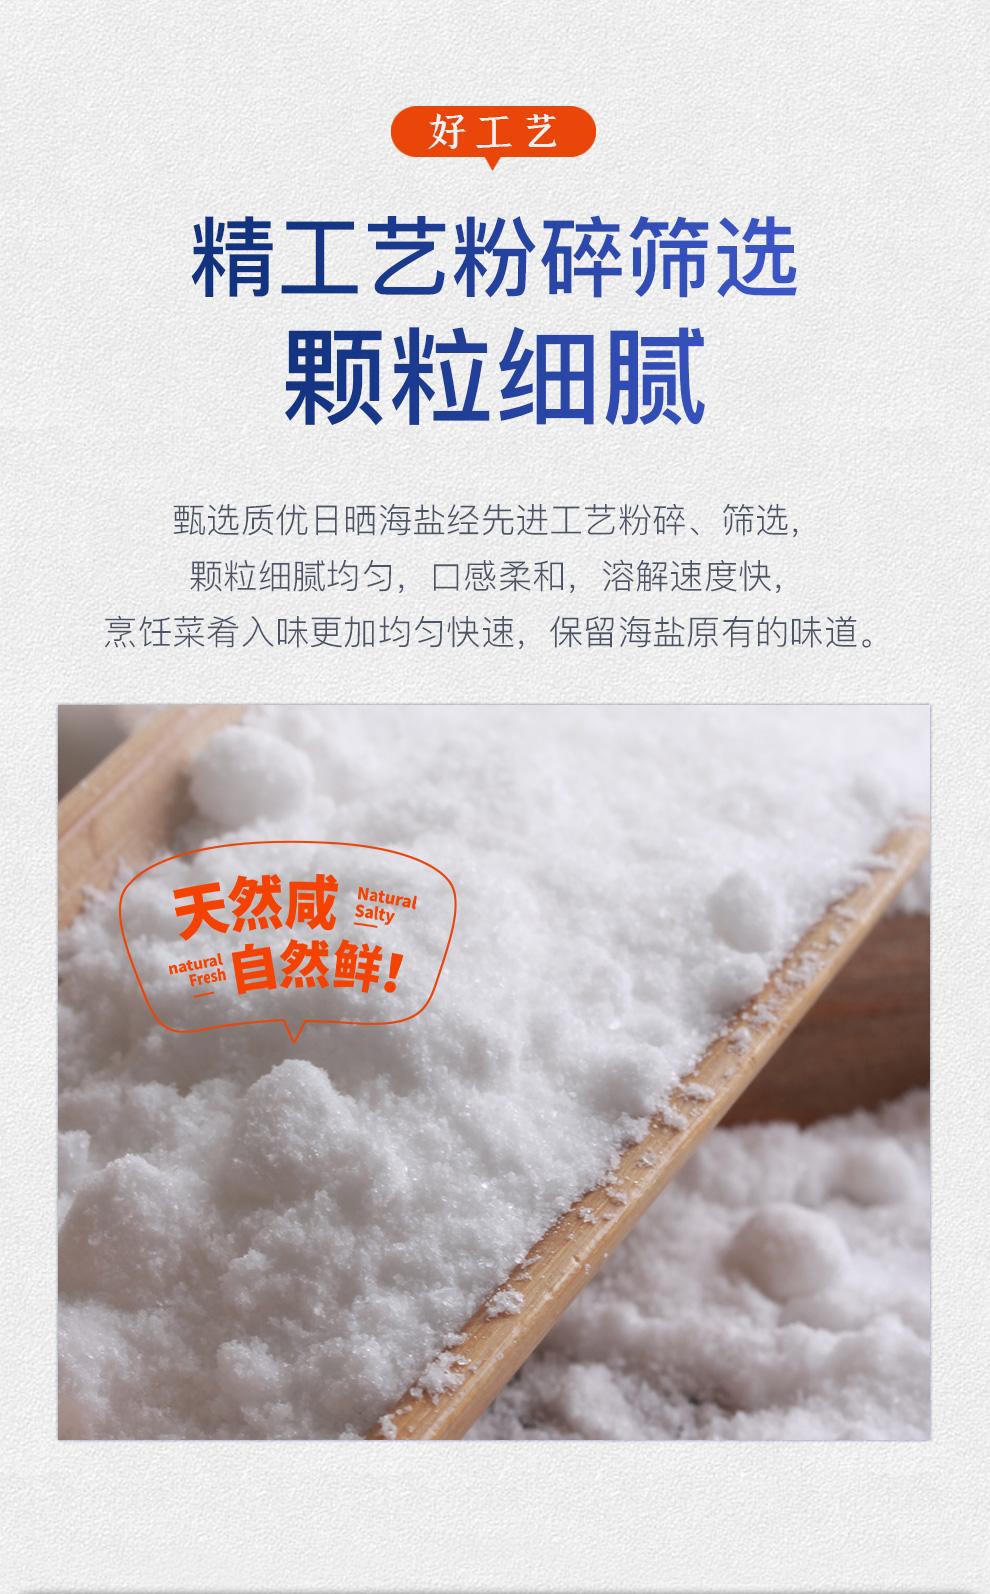 桔子树 大连日晒海盐 320g*6袋 无碘无抗结剂 图4